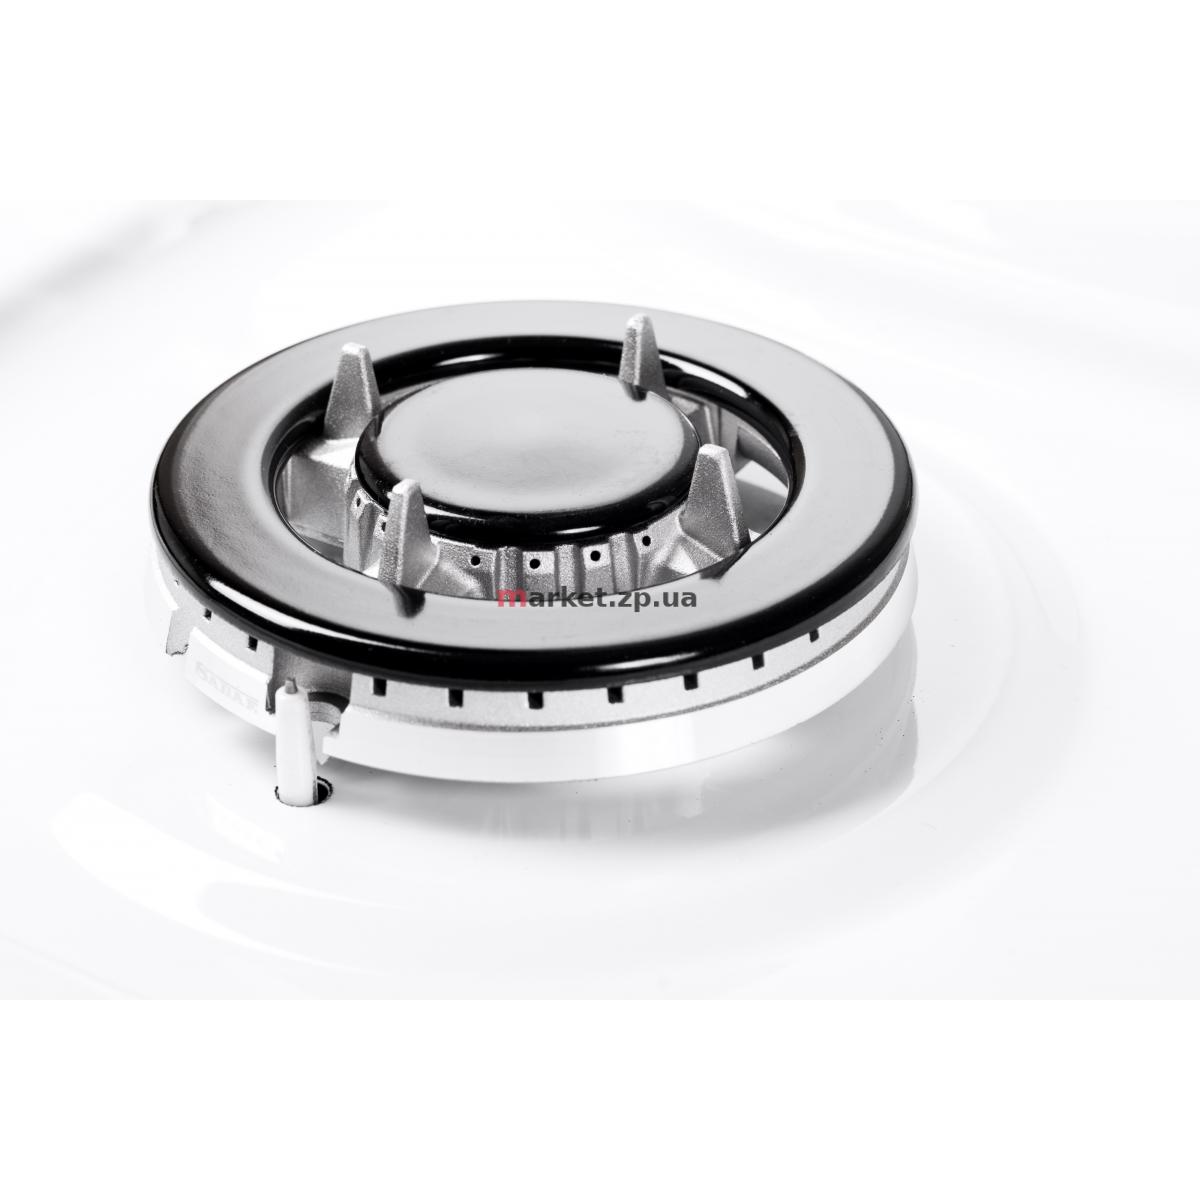 Плита GRETA м 600-ГЭ-09 а (B) чугун решётка